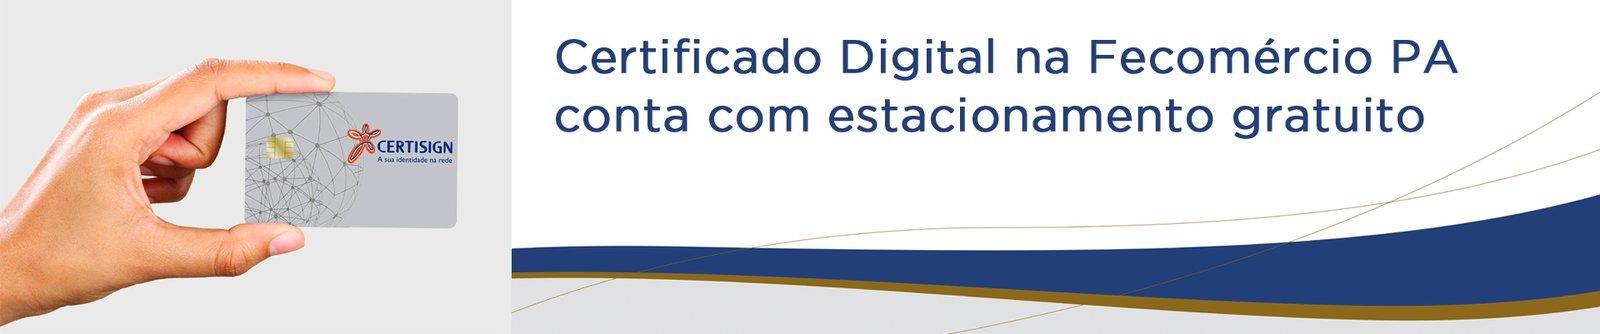 Certificado Digital na Fecomércio PA conta com estacionamento gratuito